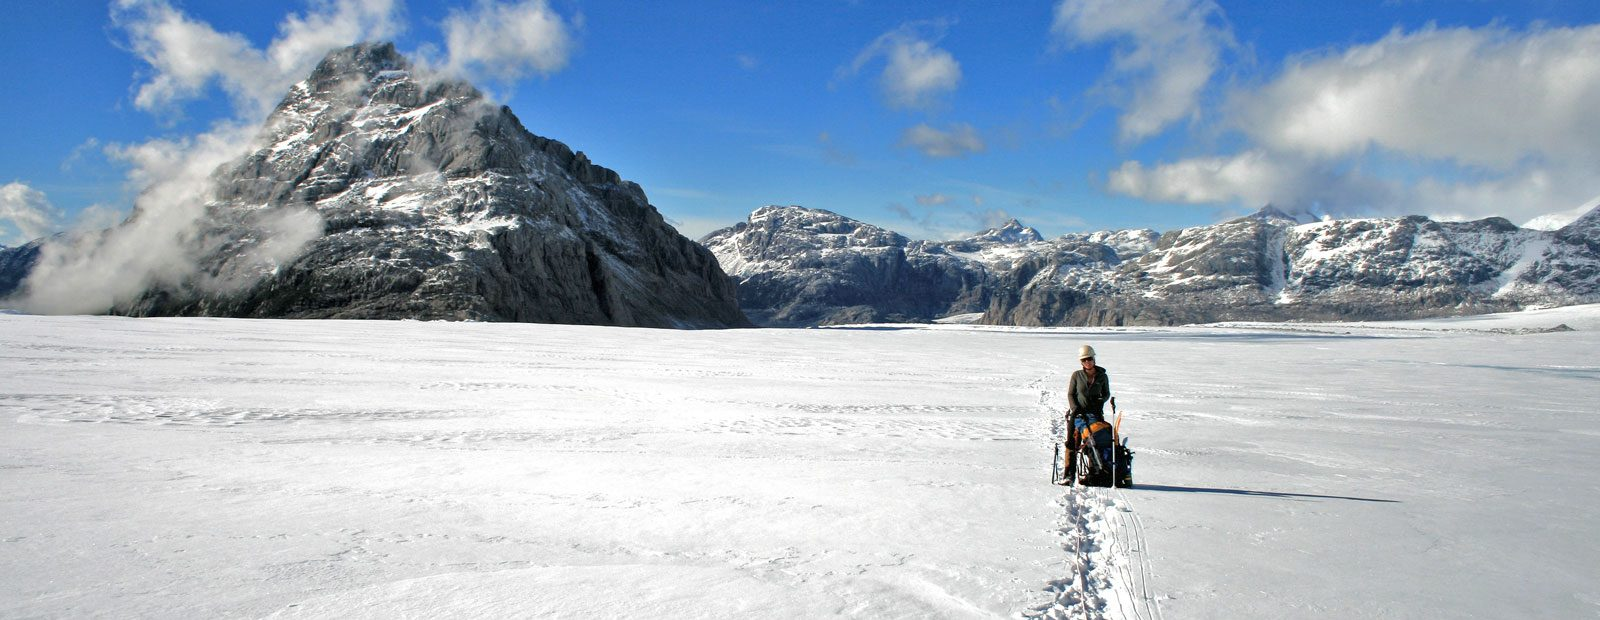 Me – Patagonia distance shot